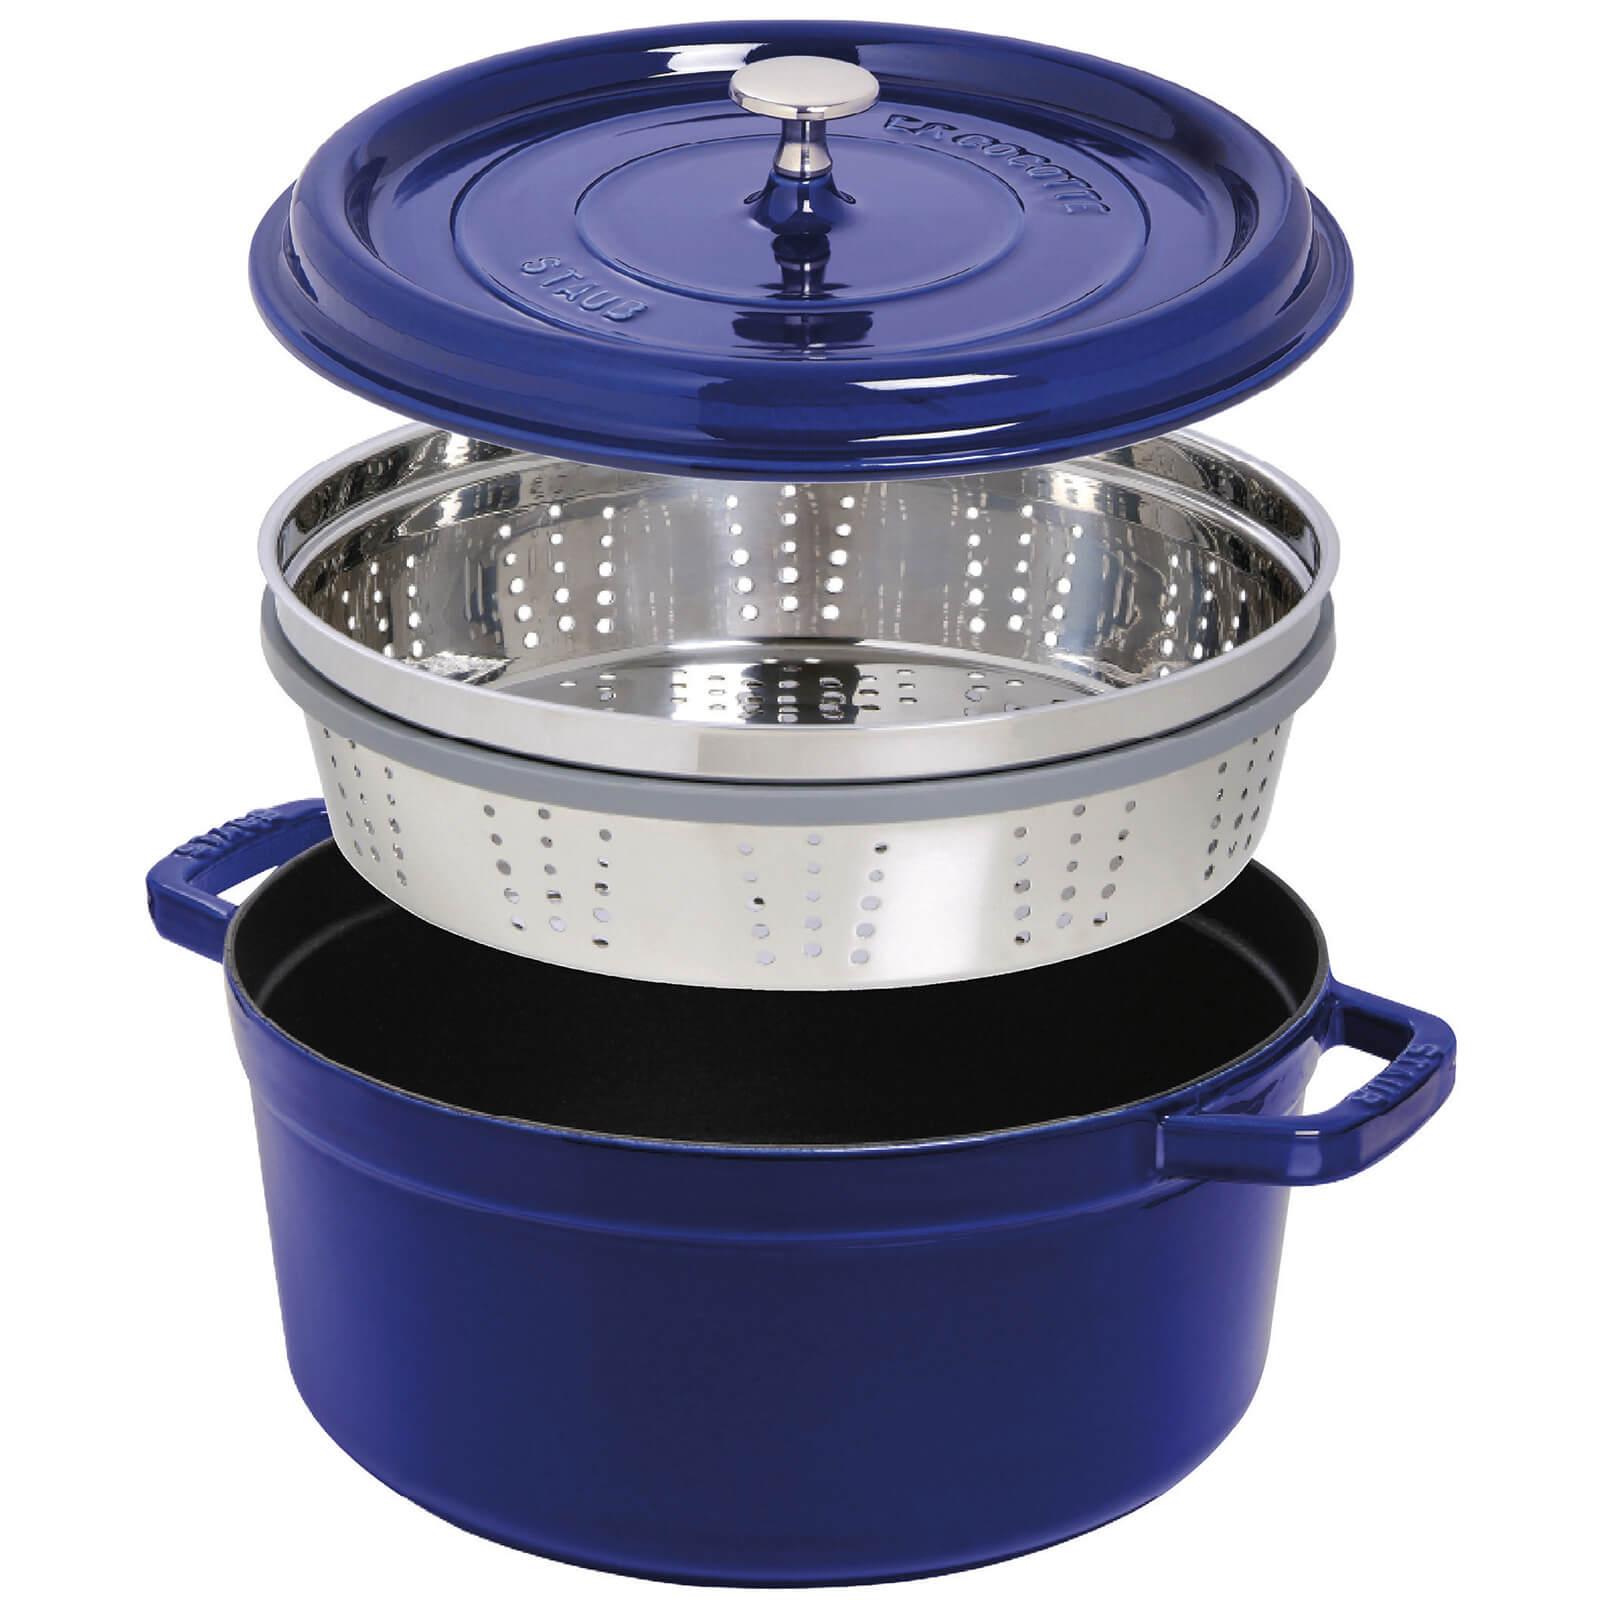 Staub Round Cocotte and Steamer - Dark Blue - 26cm